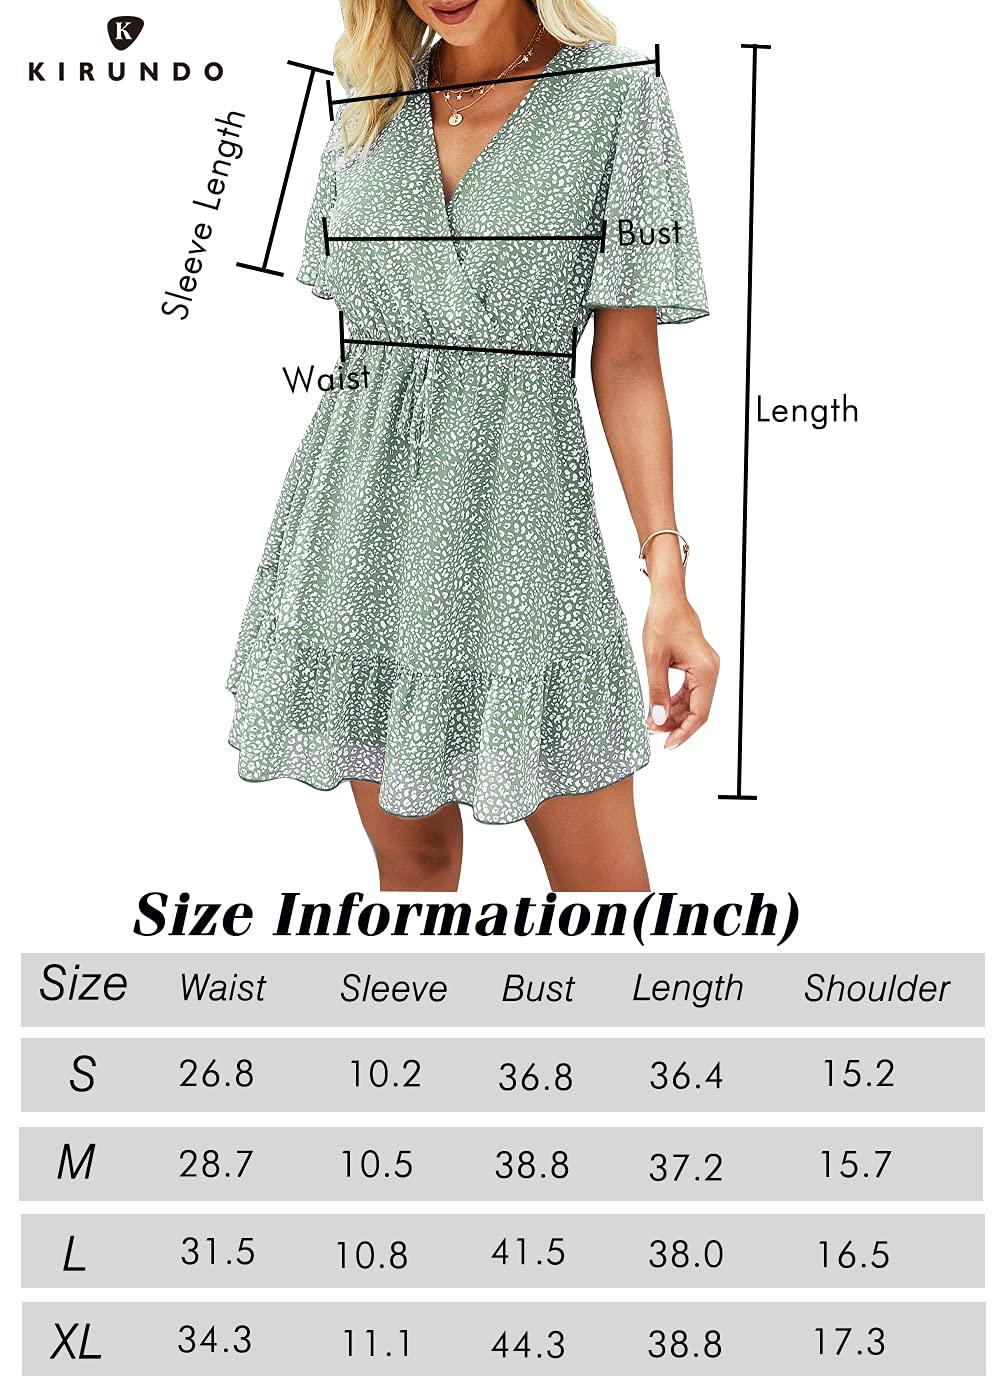 KIRUNDO Women's Summer Dress Short Sleeve Ruffle Leopard Print Sexy V Neck High Waist Short Flowy Mini Dress with Belt